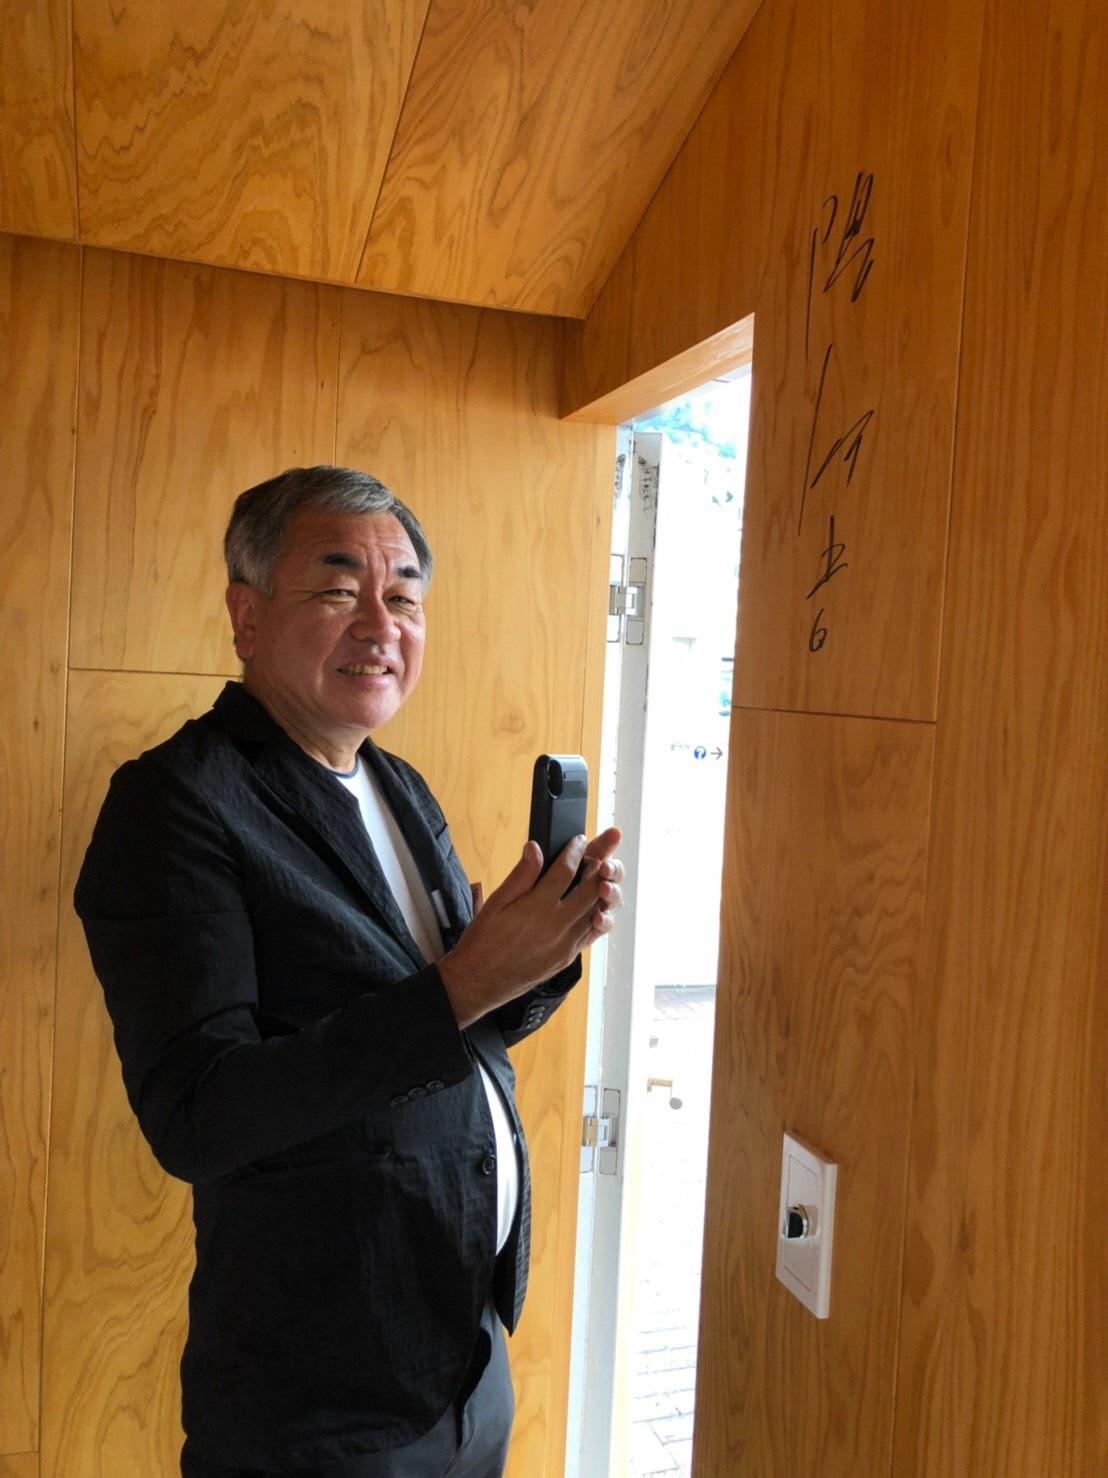 建築家・隈研吾氏がJR岡山駅前 インフォメーションセンターに来訪しました